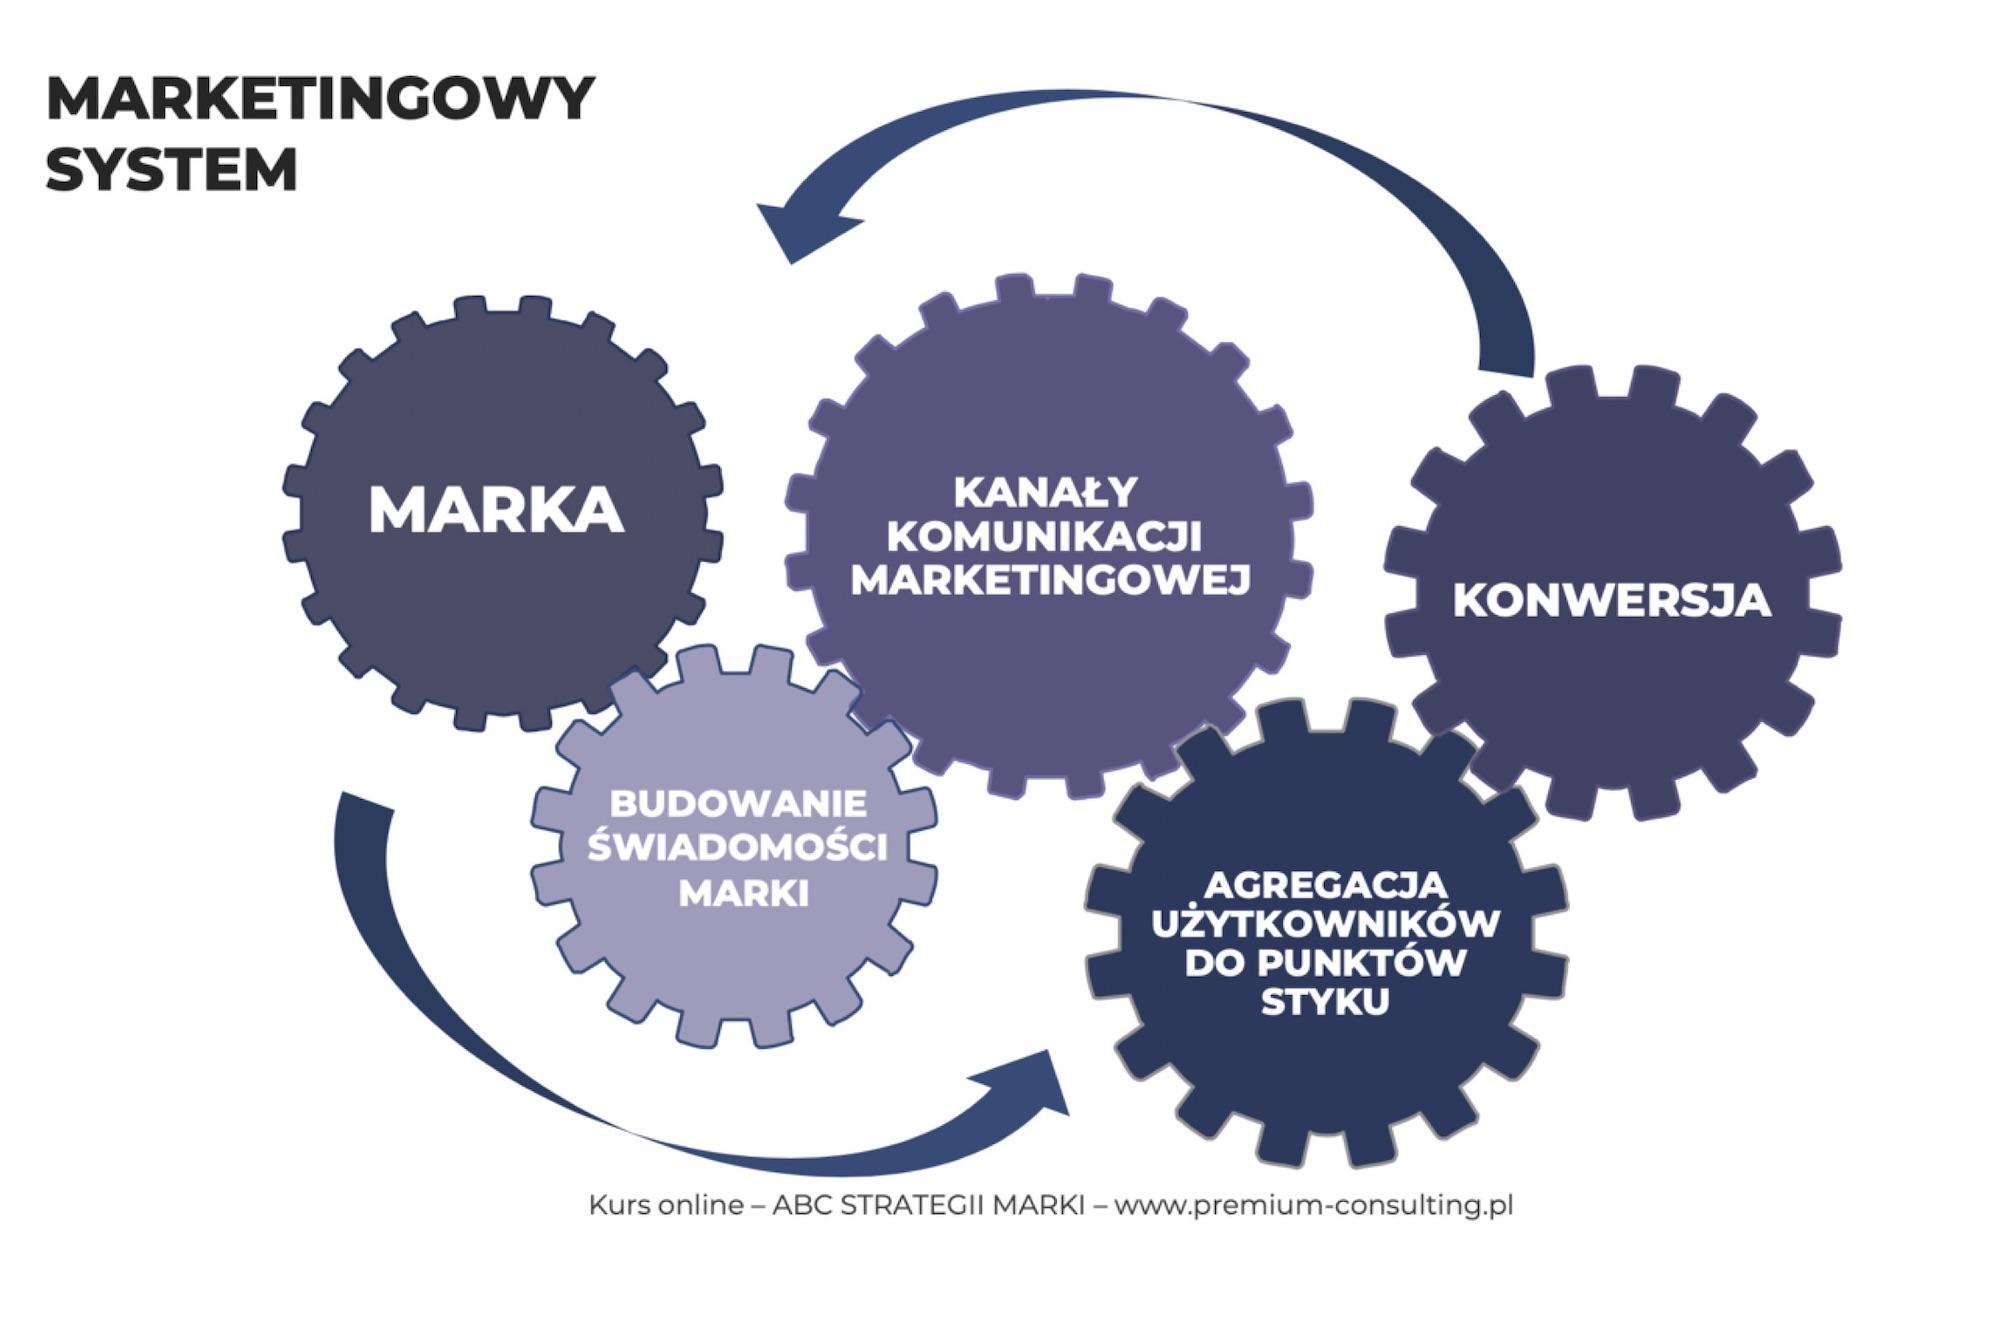 marketingowy system